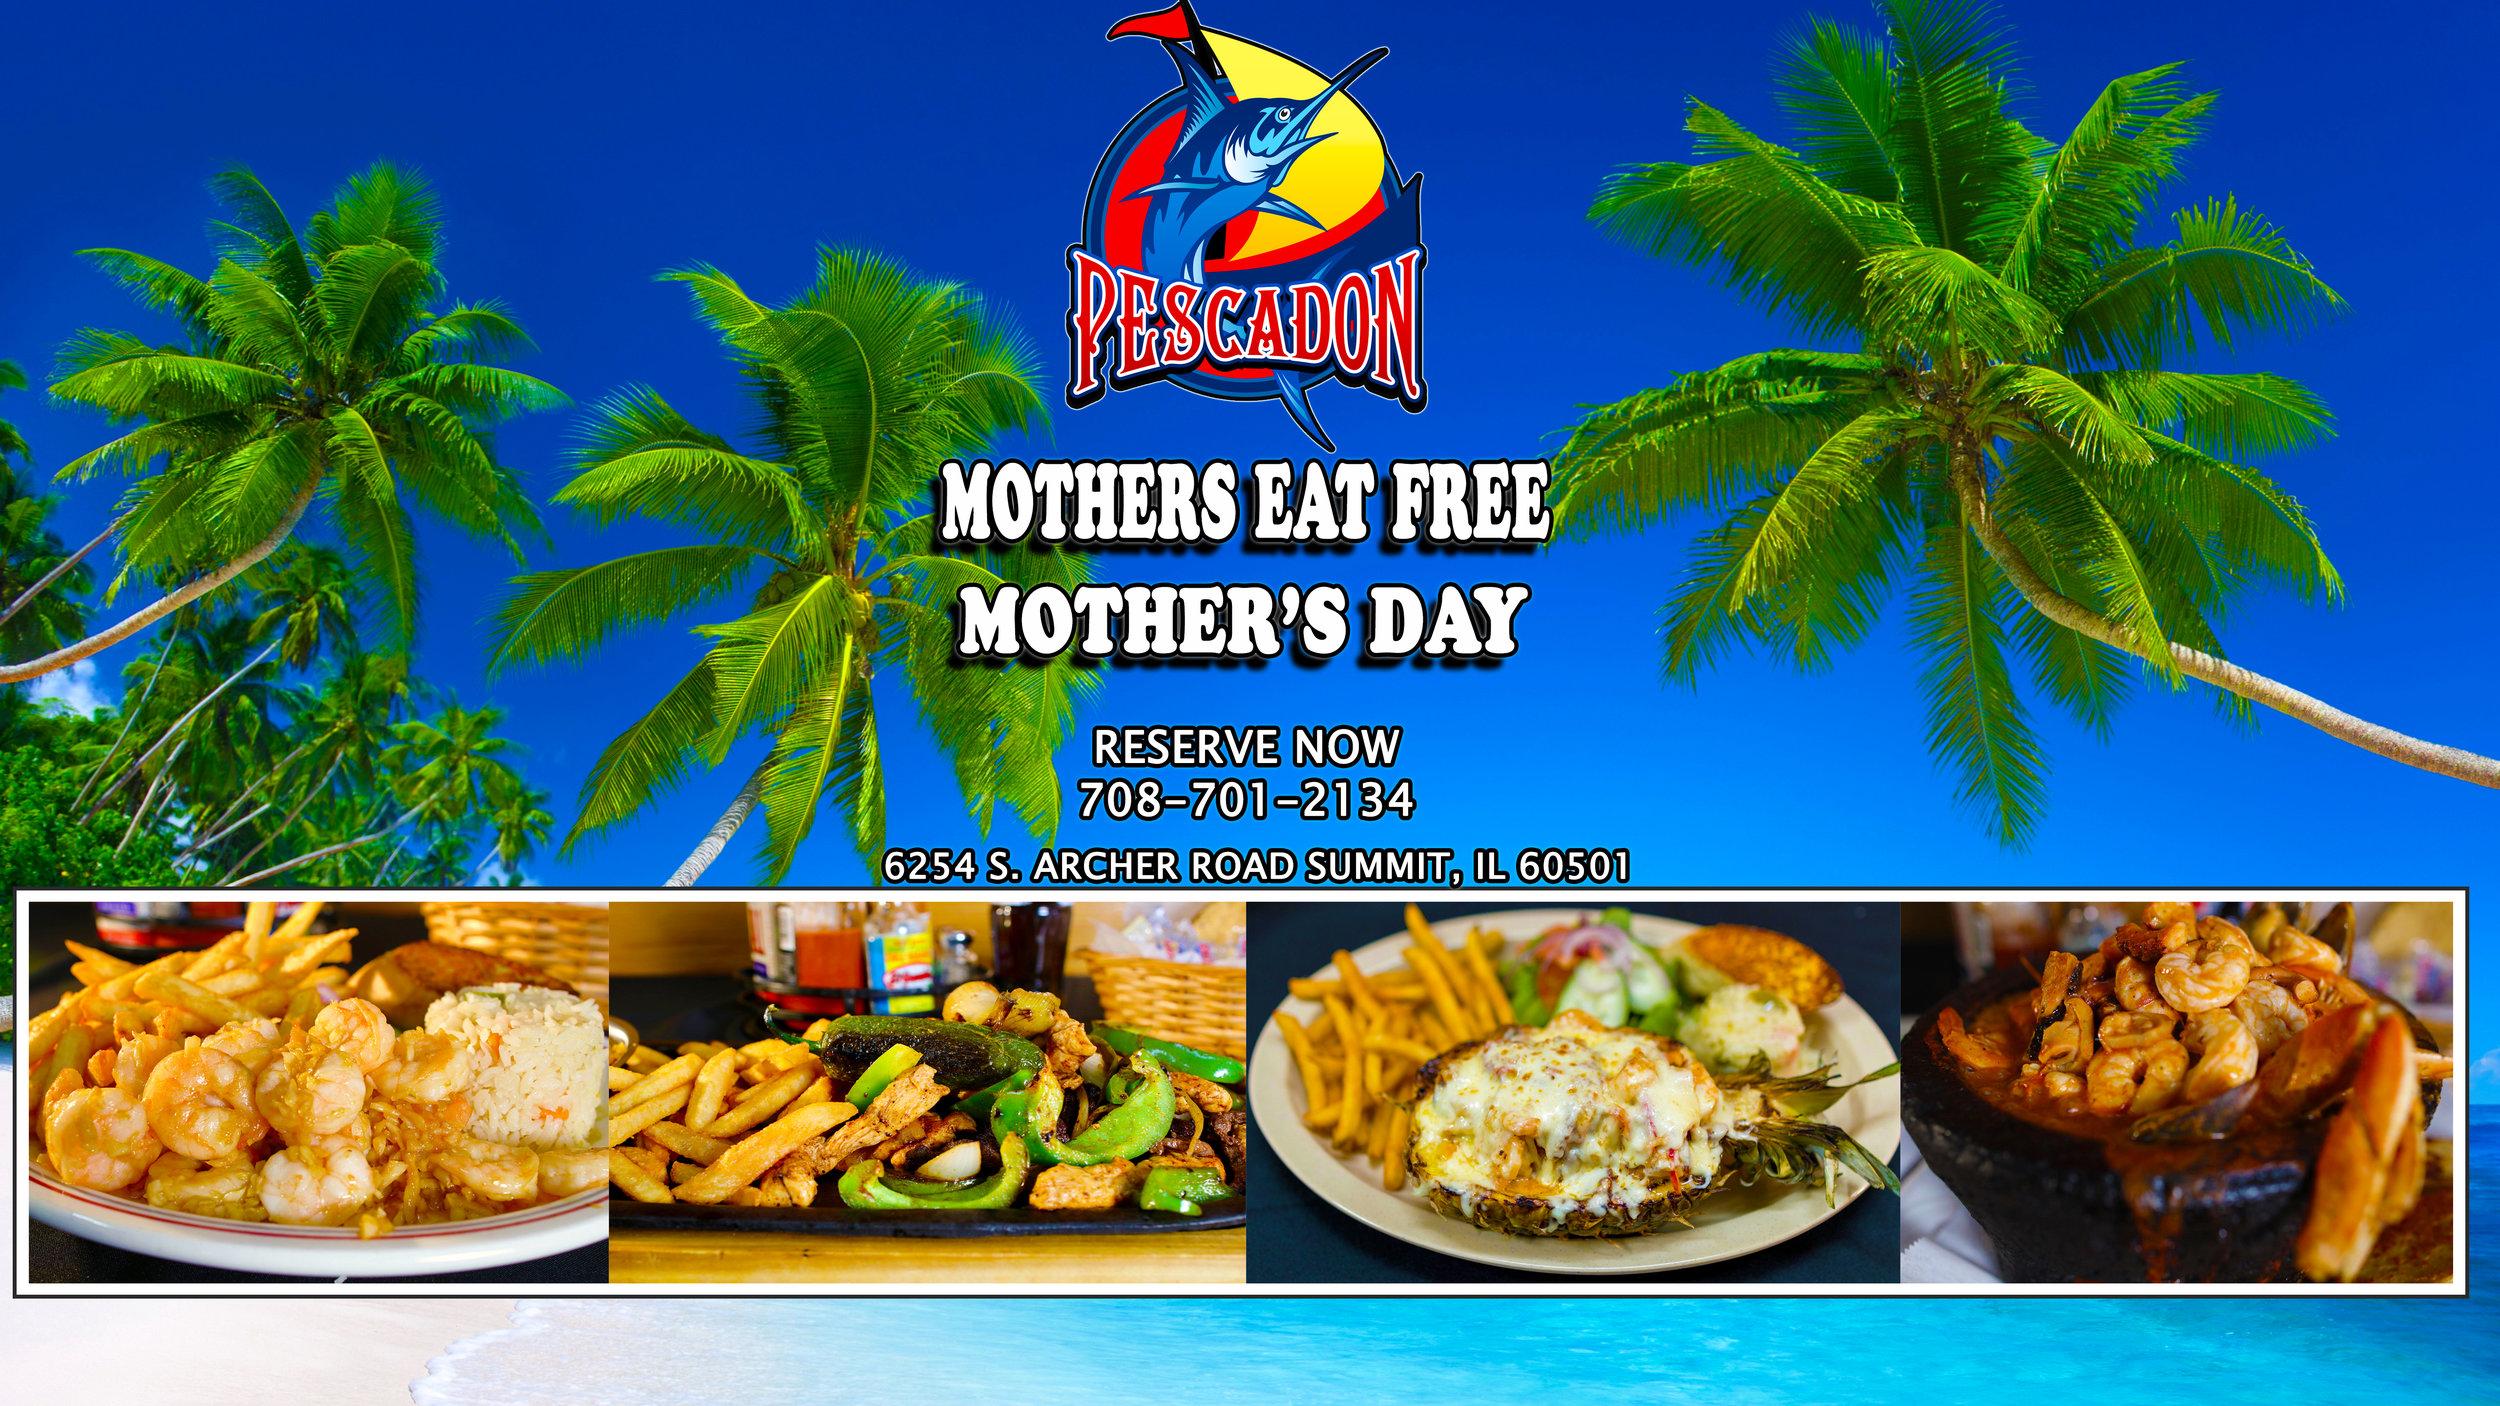 Mothers day is here, Mothers eat free all week. Enjoy quality time with your Mother at Pescadon. Mothers eat for free May 7-12, from 11am - 9pm. Must have a minimum of 4 people to receive one free meal for the wonderful Mother. Not valid with other offers/coupons, Dine-in only. (-- ON MAY 12, MUST RESERVE AND HAVE MINIMUM 4 PEOPLE TO RECEIVE FREE MEAL--) Other restriction may apply.    El día de las madres está aquí, las madres comen gratis toda la semana. Disfruta tiempo con tu madre en Pescadon. Las madres comen gratis del 7 al 12 de mayo, de 11am a 9pm. Debe tener un mínimo de 4 personas para recibir una comida gratis para la maravillosa Madre. No es válido con otras ofertas / cupones, solo cena adentro. (- EL 12 DE MAYO, DEBE RESERVAR Y TENER MÍNIMO 4 PERSONAS PARA RECIBIR COMIDA GRATUITA--) Se pueden aplicar otras restricciones.